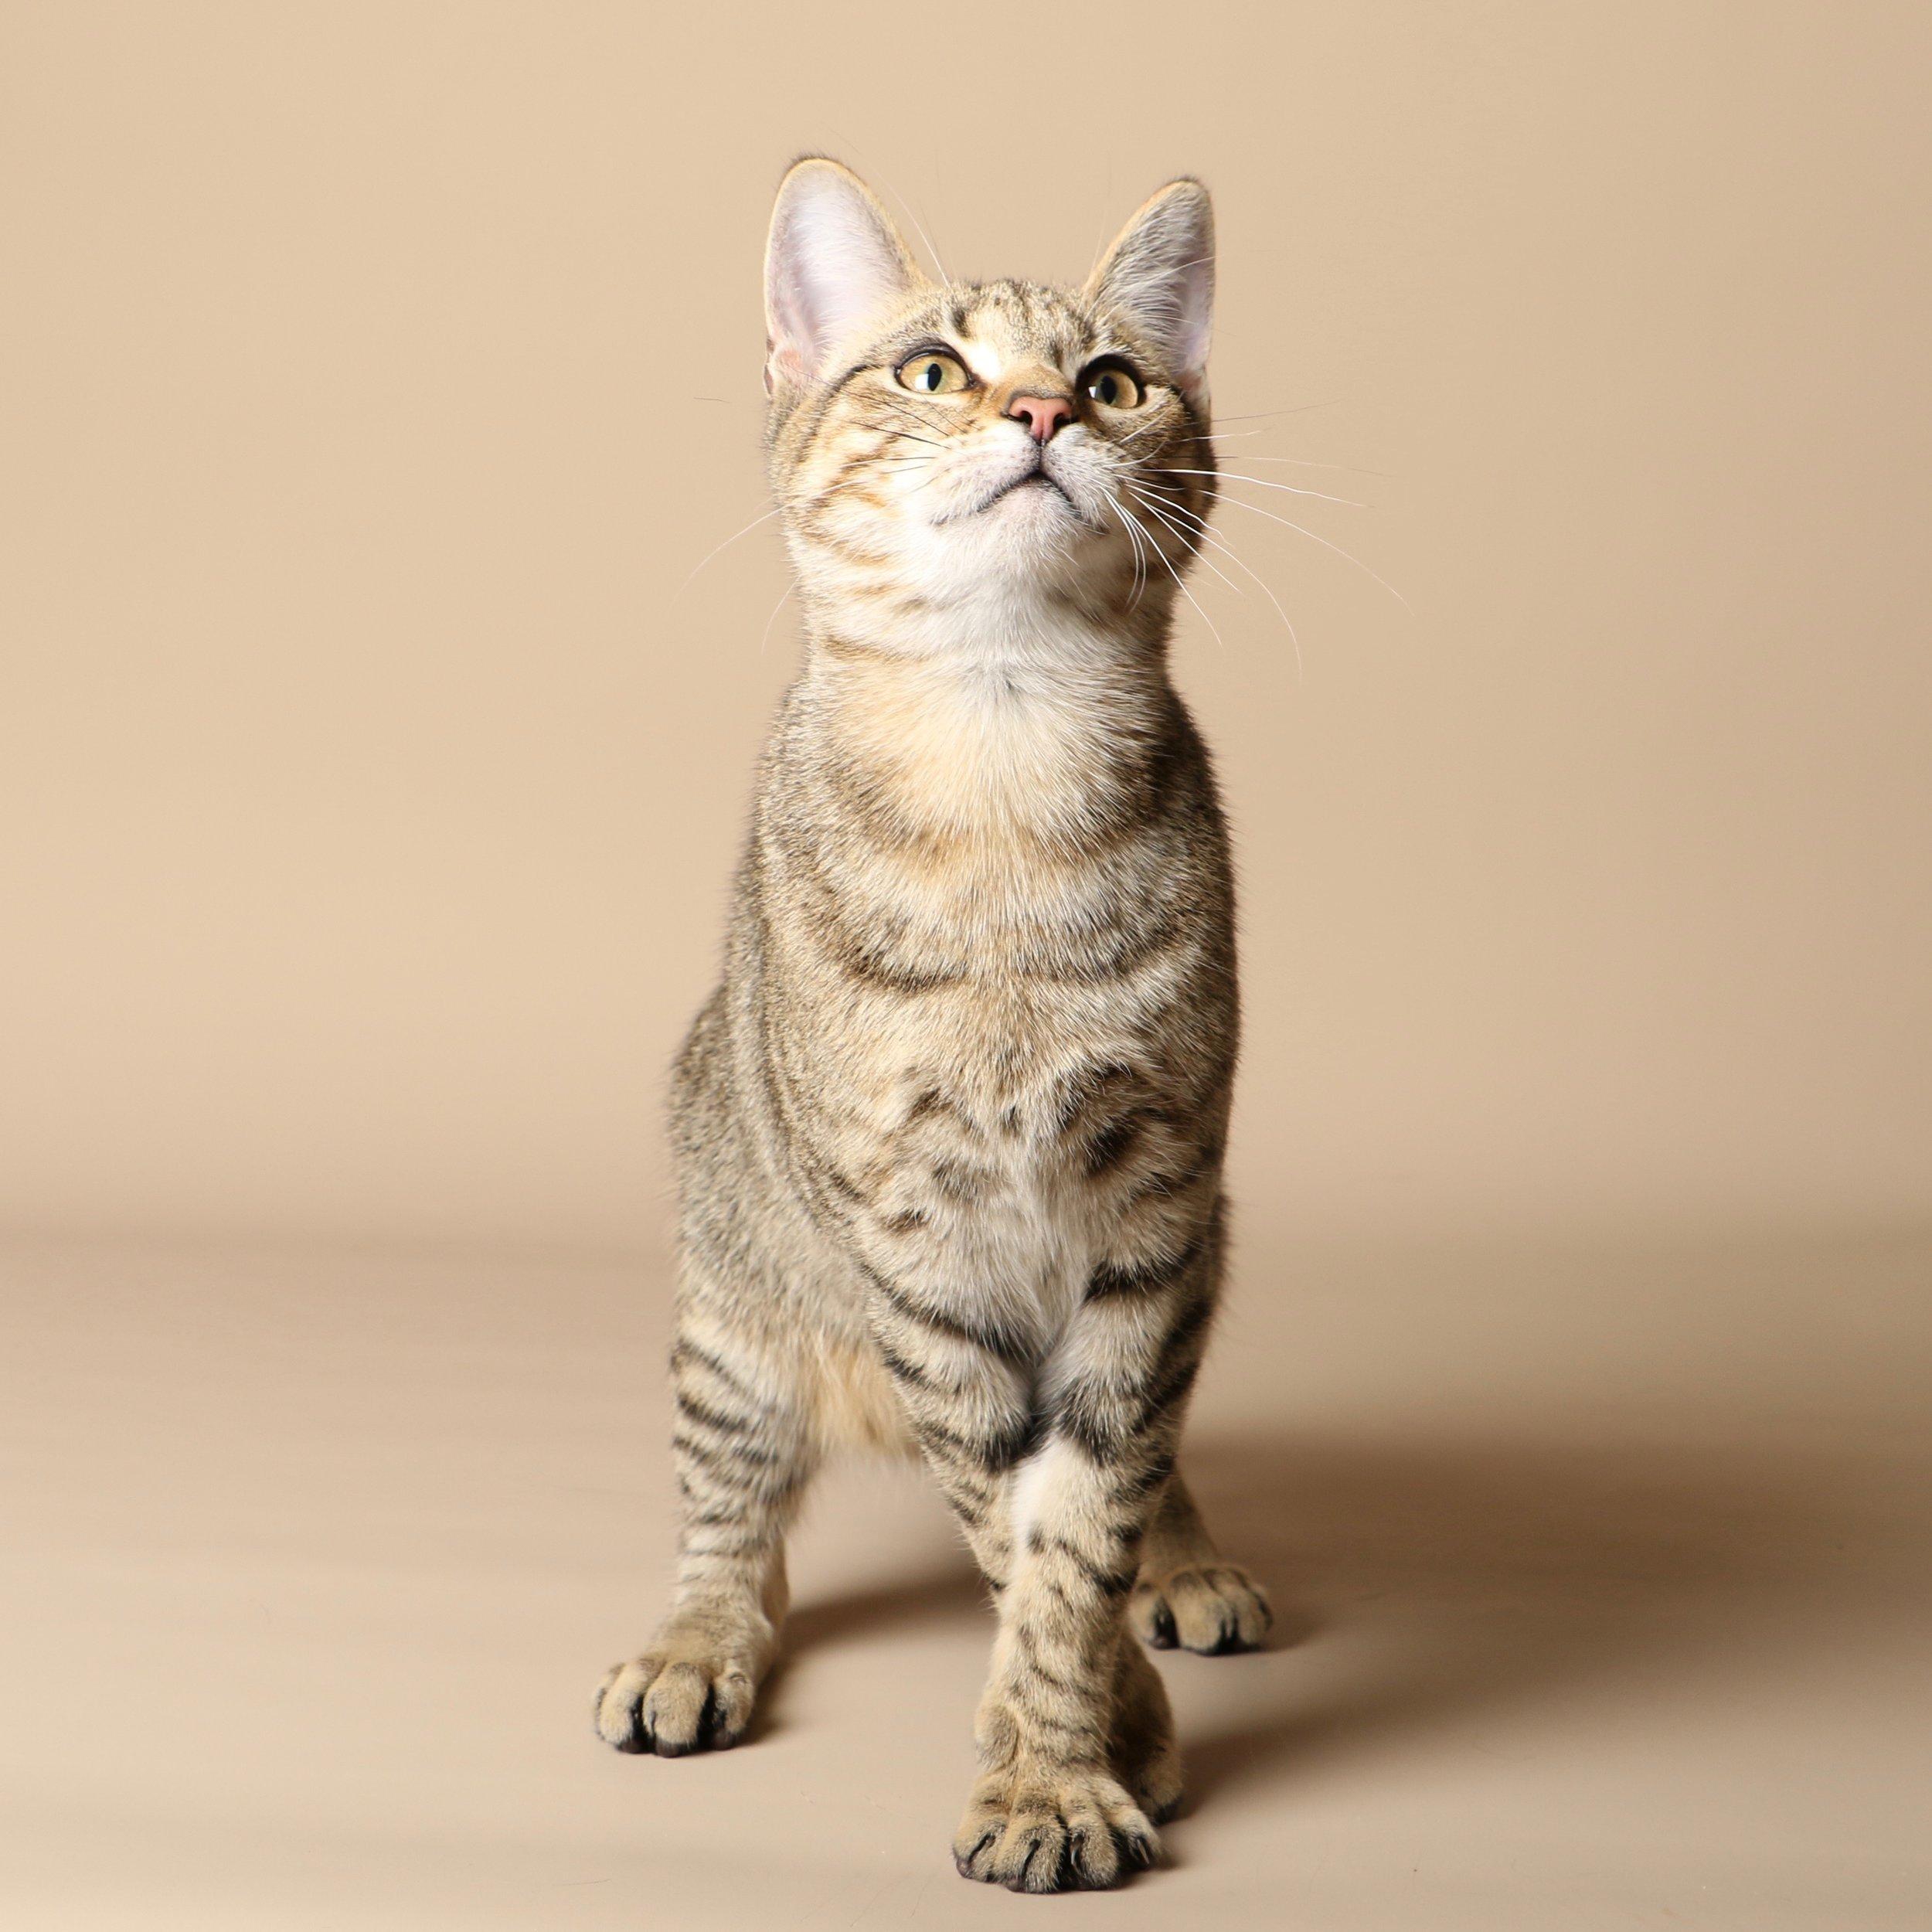 1025cats.jpg